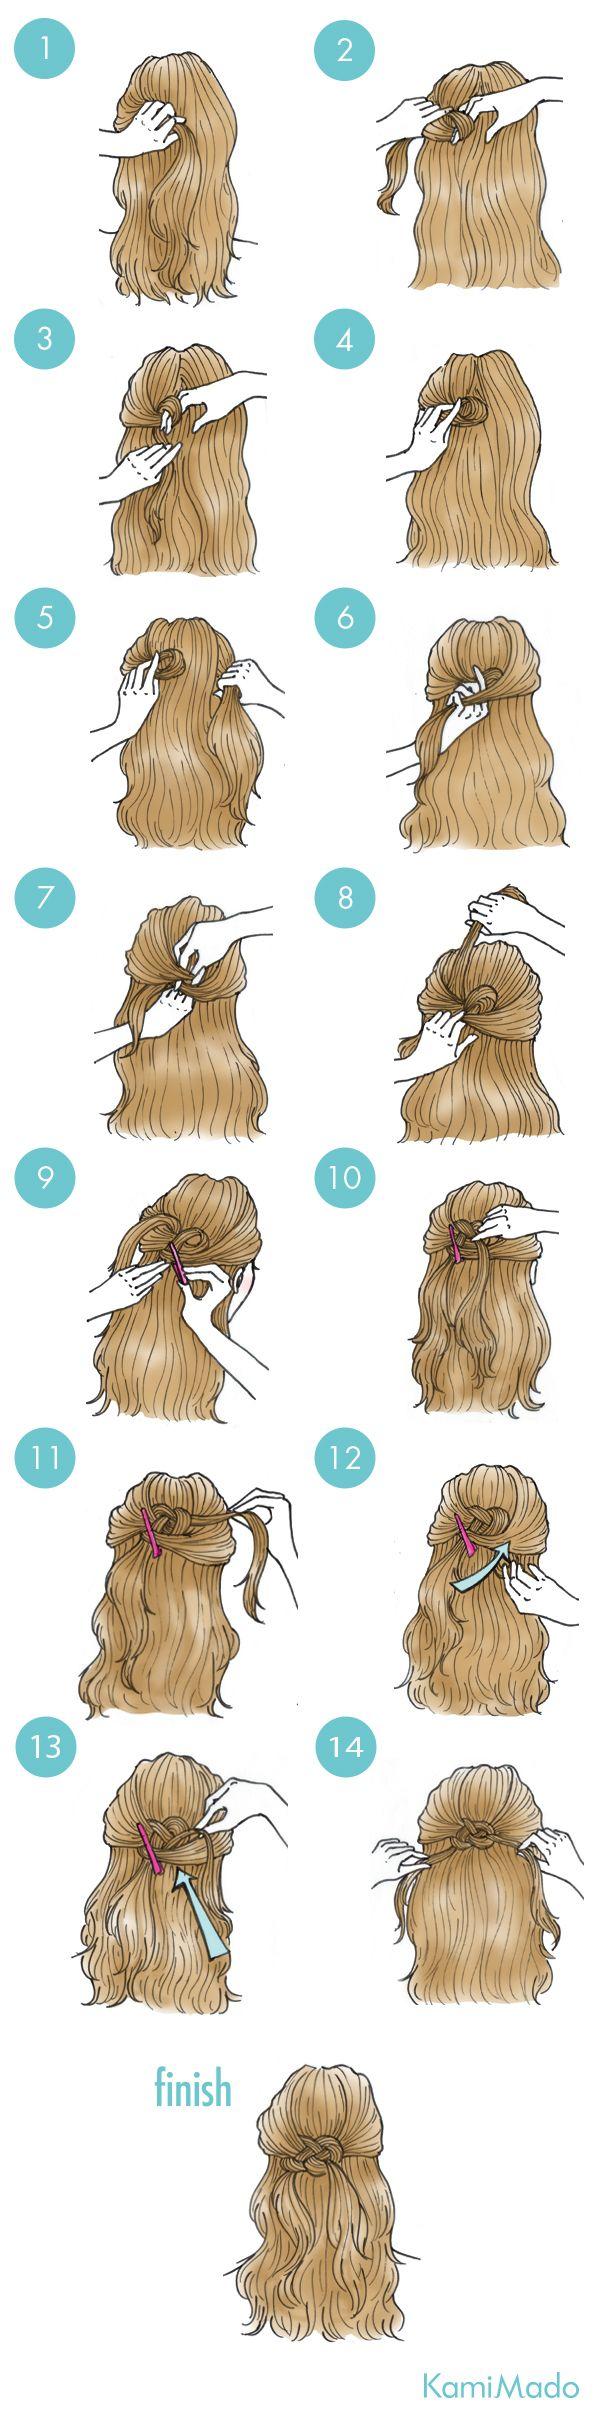 Tutorial de penteado fácil, perfeito para cabelo médio e comprido.